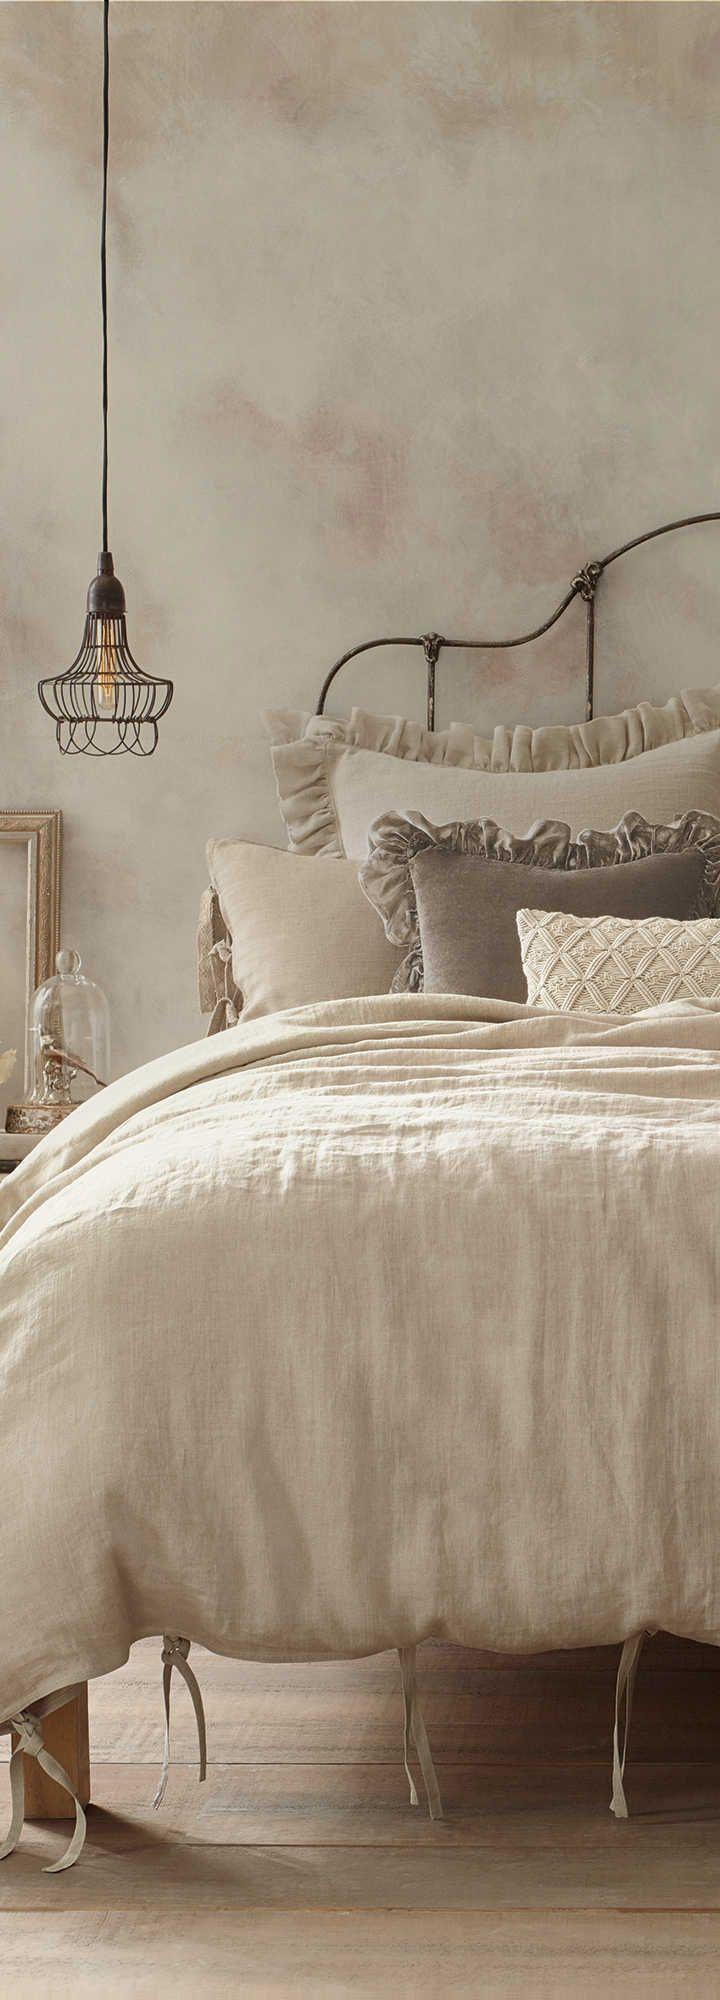 Wamsutta Duvet Cover Надо купить Country Bedroom